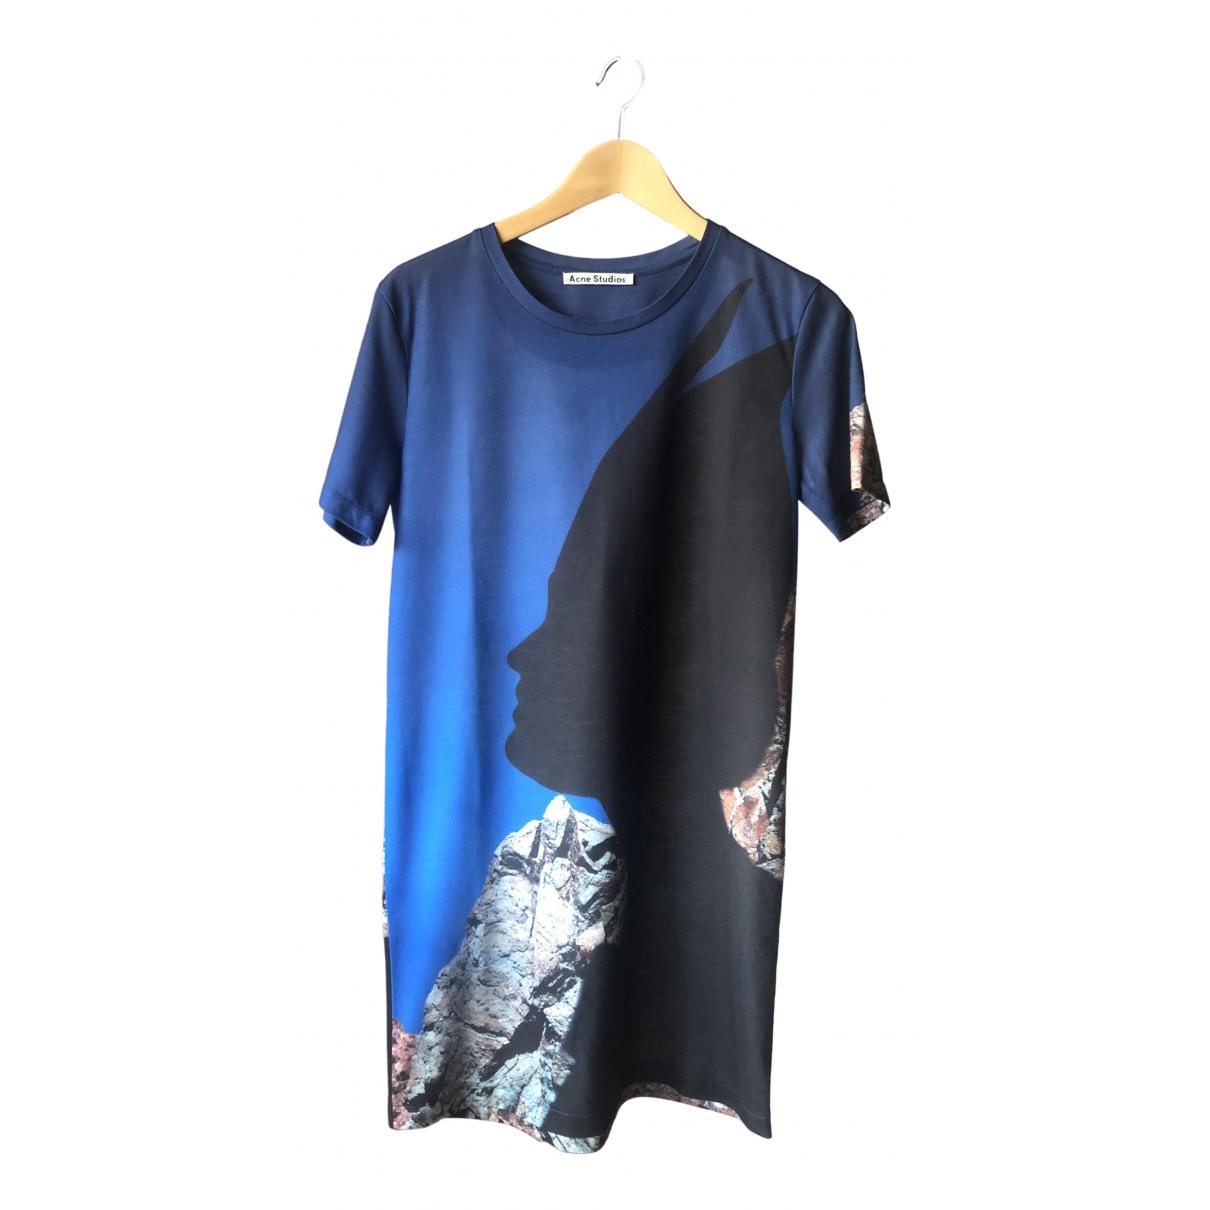 Acne Studios \N Kleid in  Blau Polyester